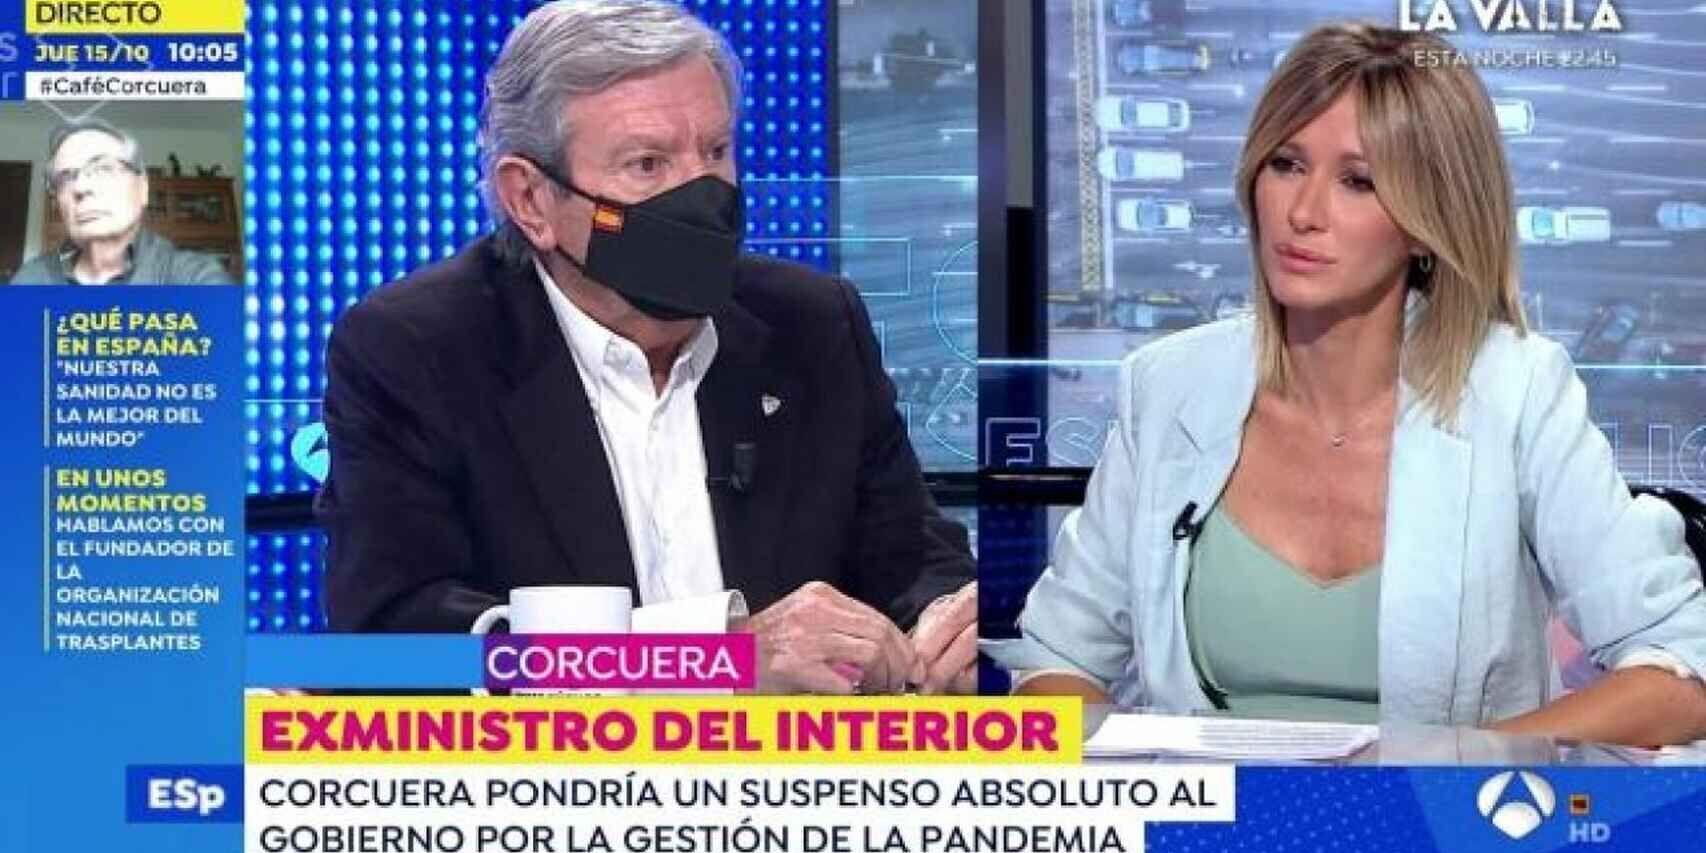 La 'descarga' de Corcuera: asi salto su desfibrilador durante la entrevista con Susanna Griso